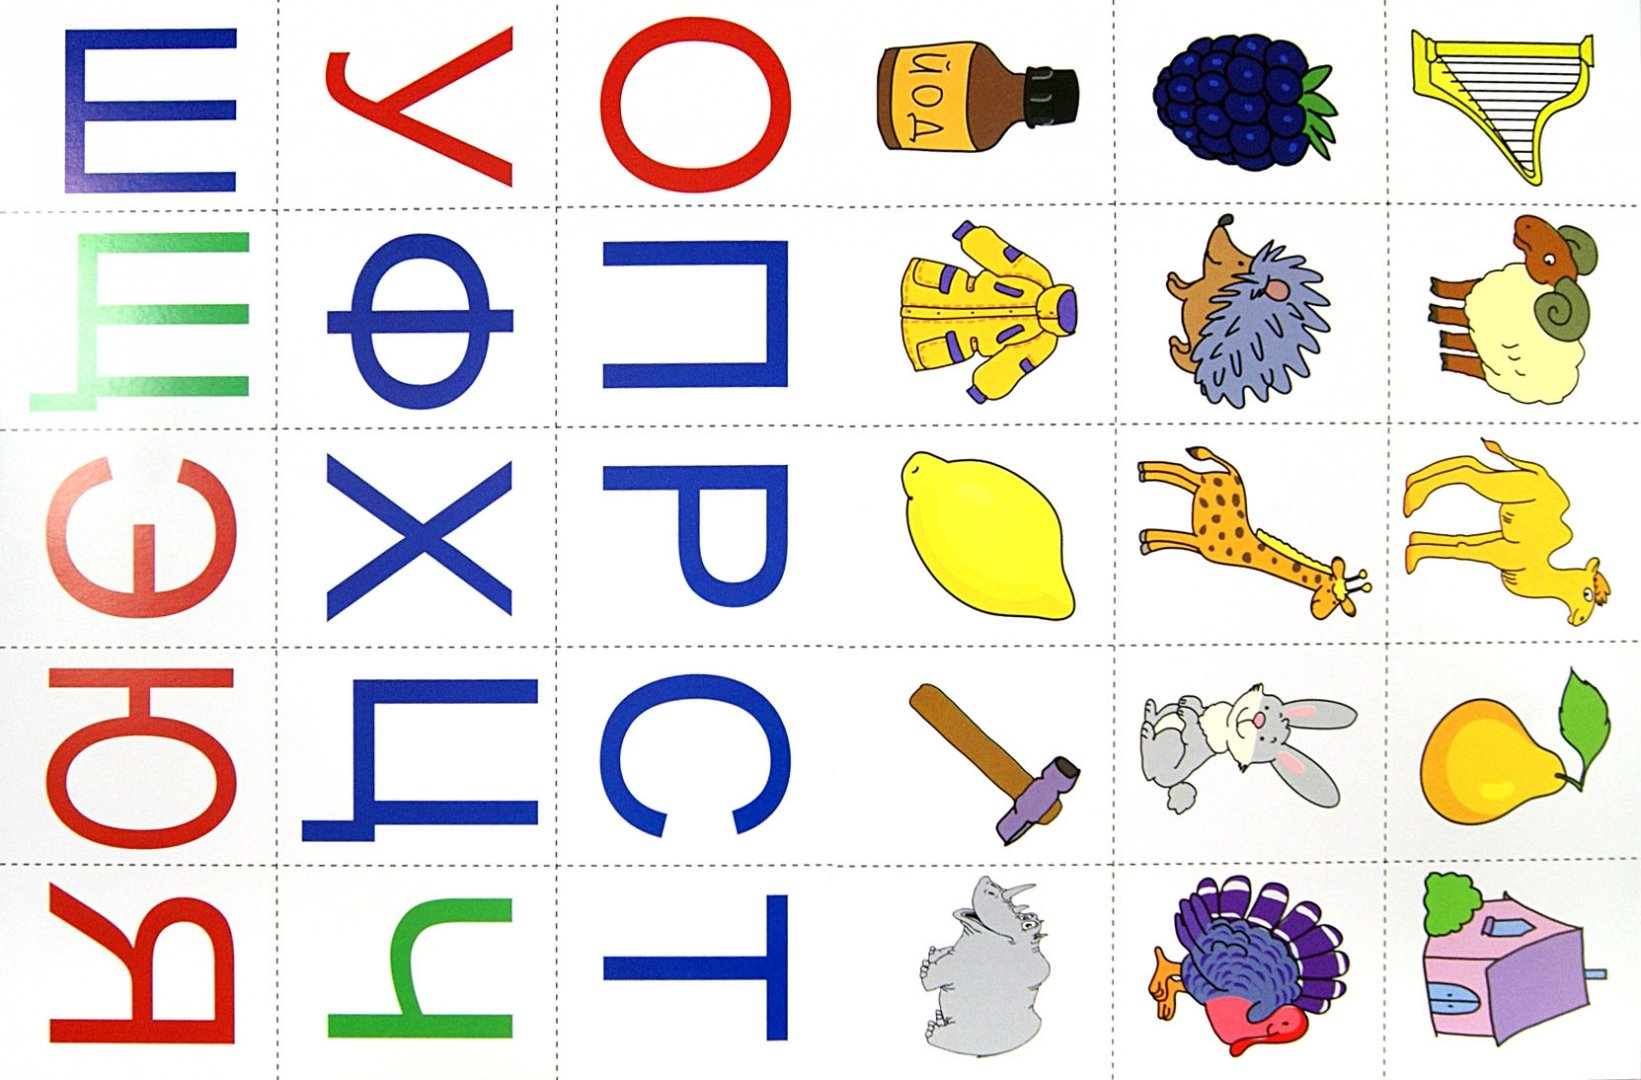 Иллюстрация 1 из 2 для Начинаем писать. Развивающие задания и игра для детей 6-7 лет - Кирилл Четвертаков | Лабиринт - книги. Источник: Лабиринт